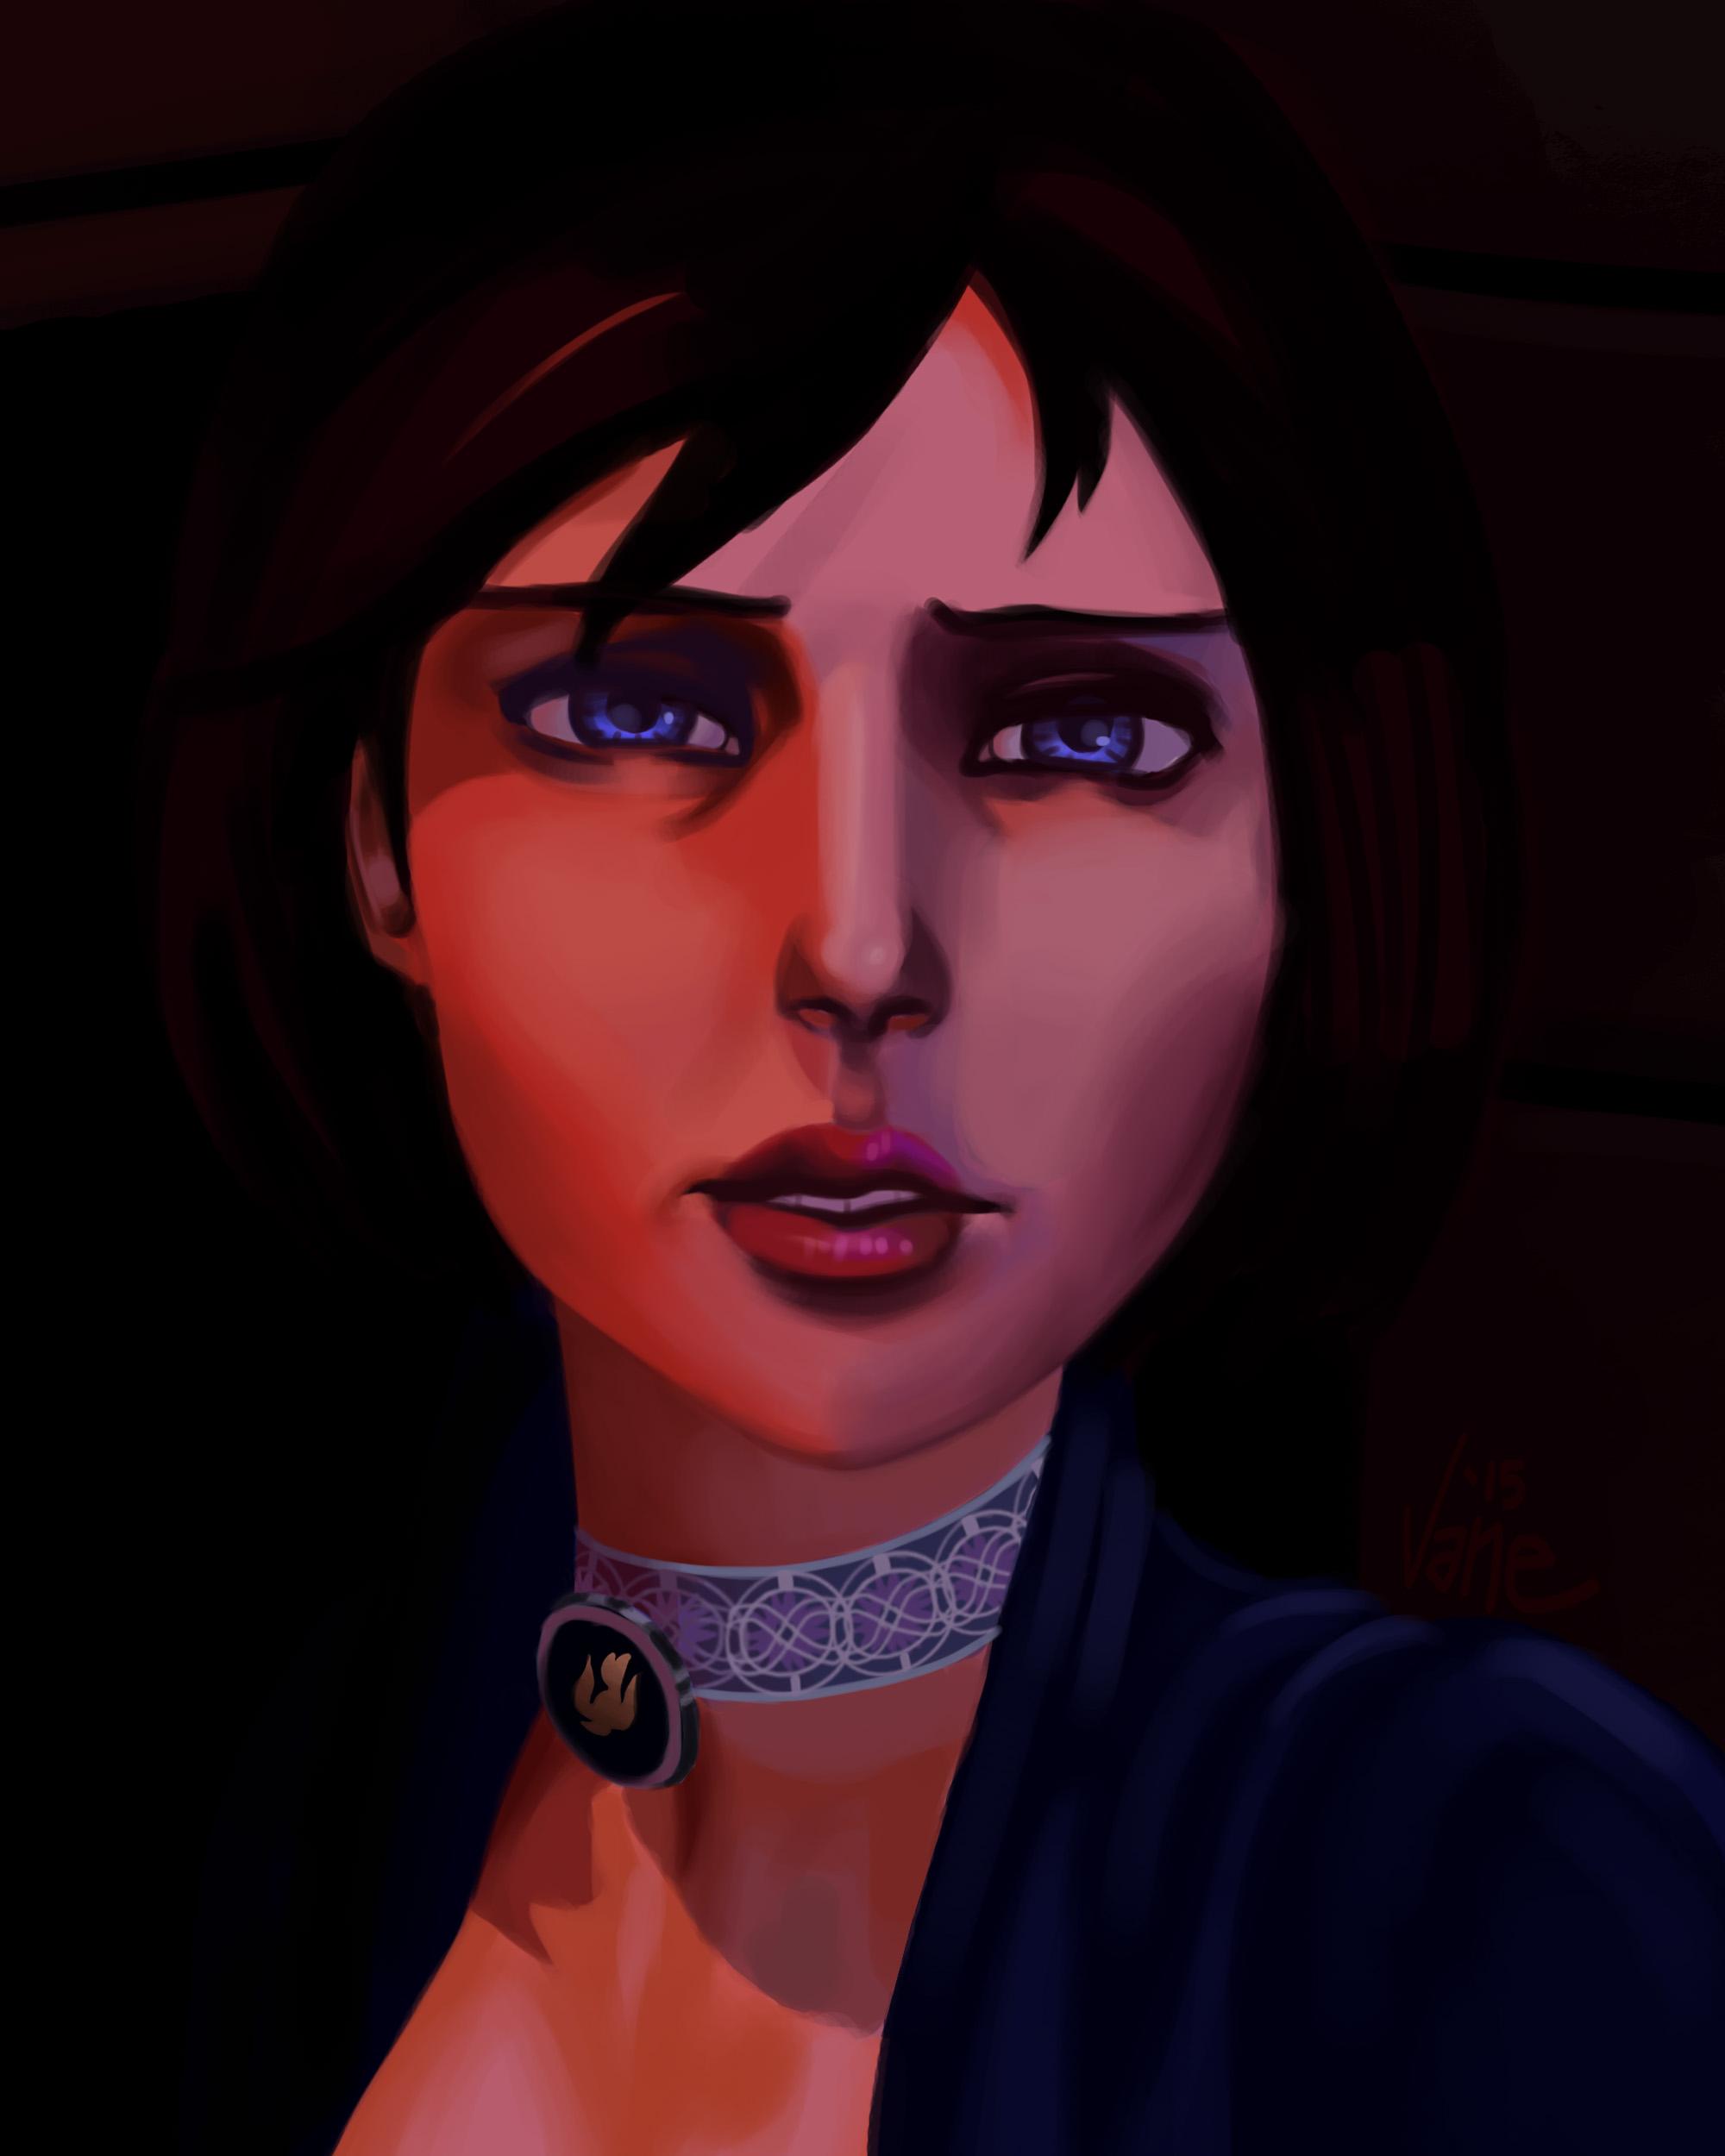 Elizabeth Portrait